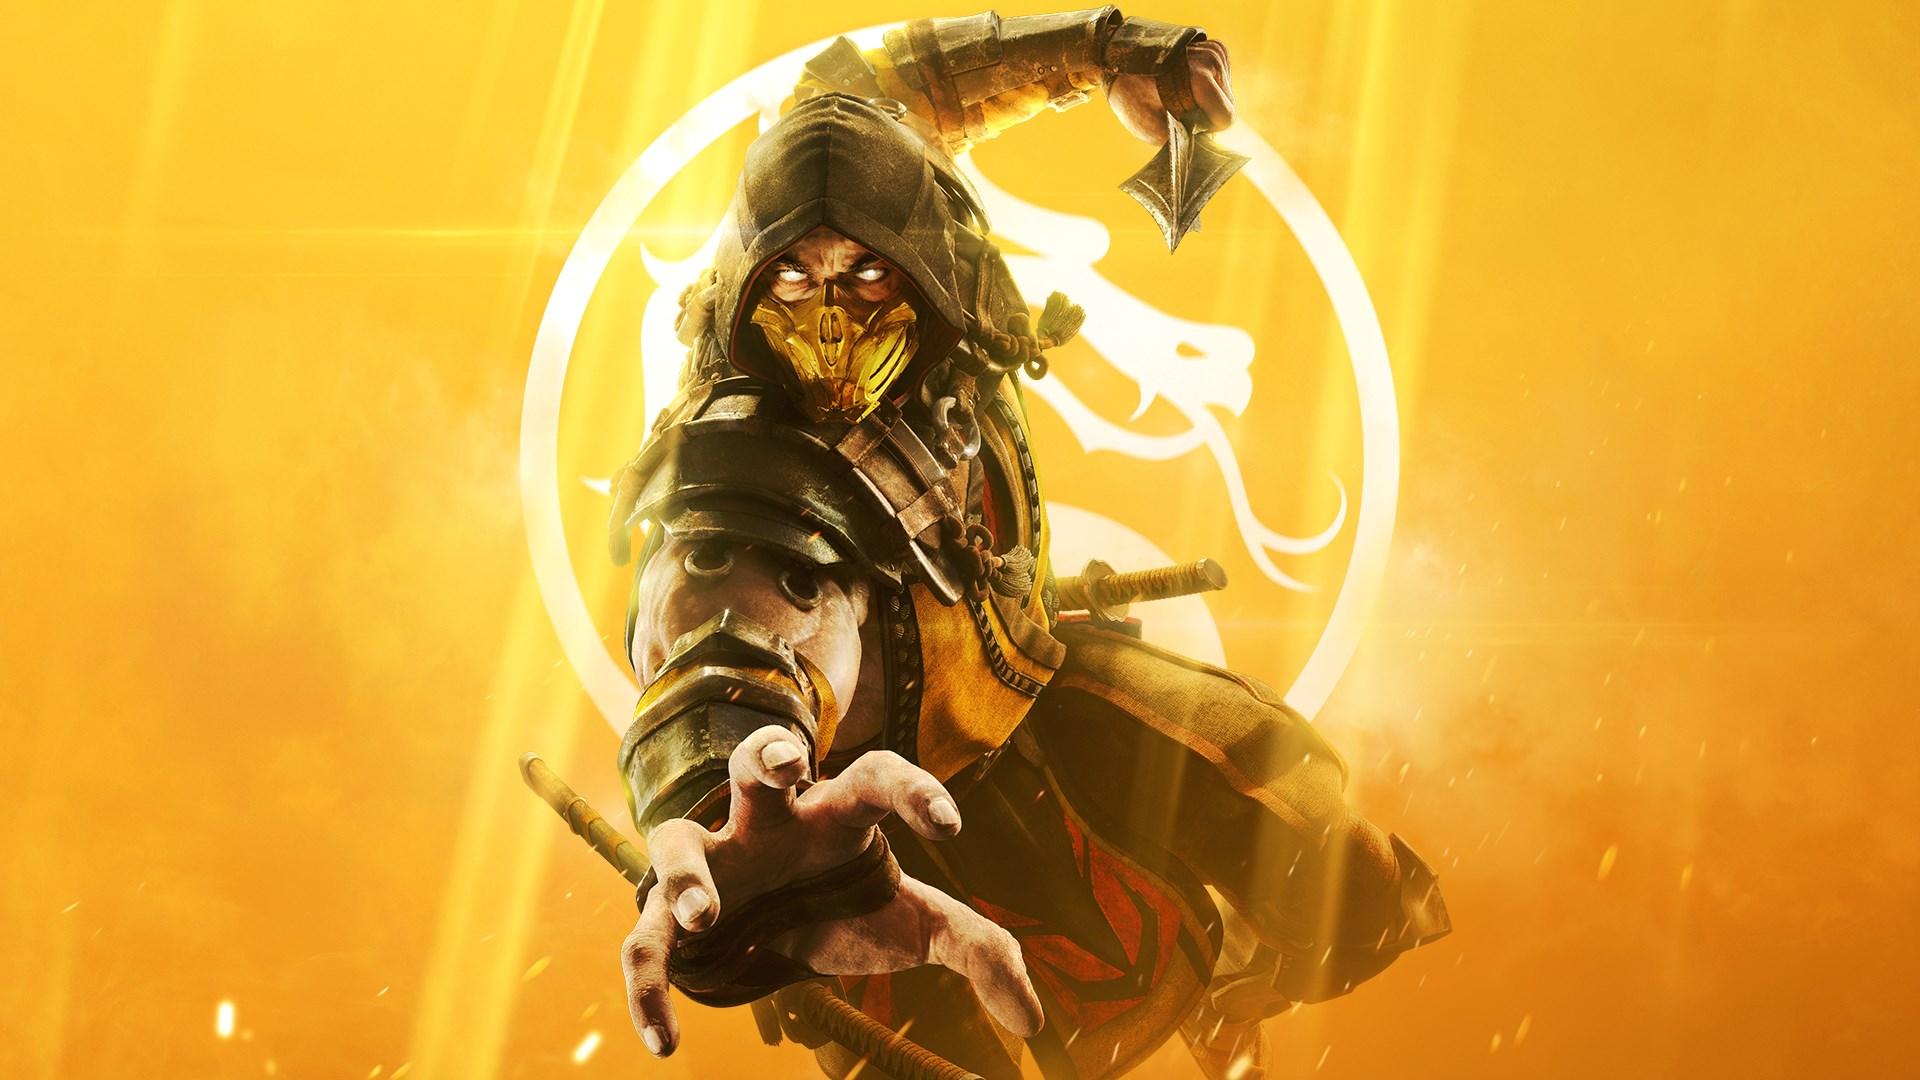 تاریخ اکران فیلم Mortal kombat,تاریخ اکران فیلم مورتال کمبت